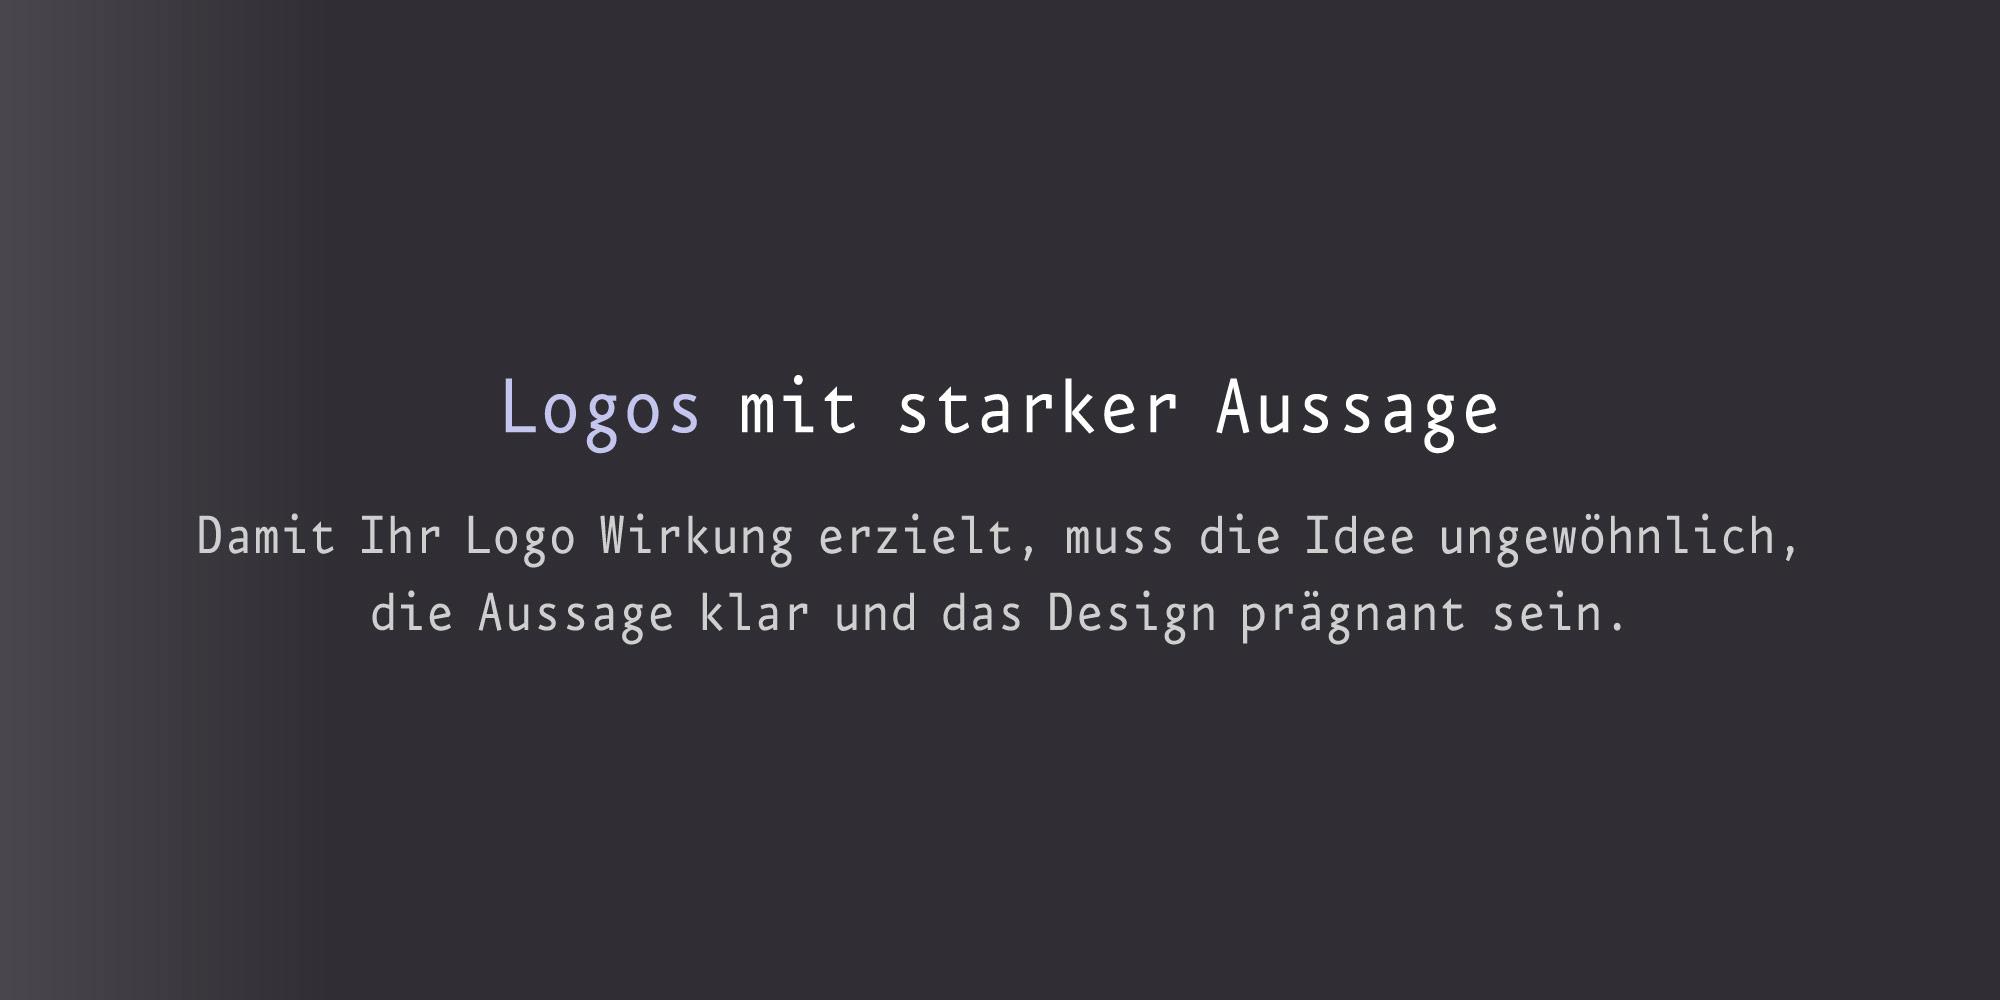 Logodesigner für Logos mit starker Aussage